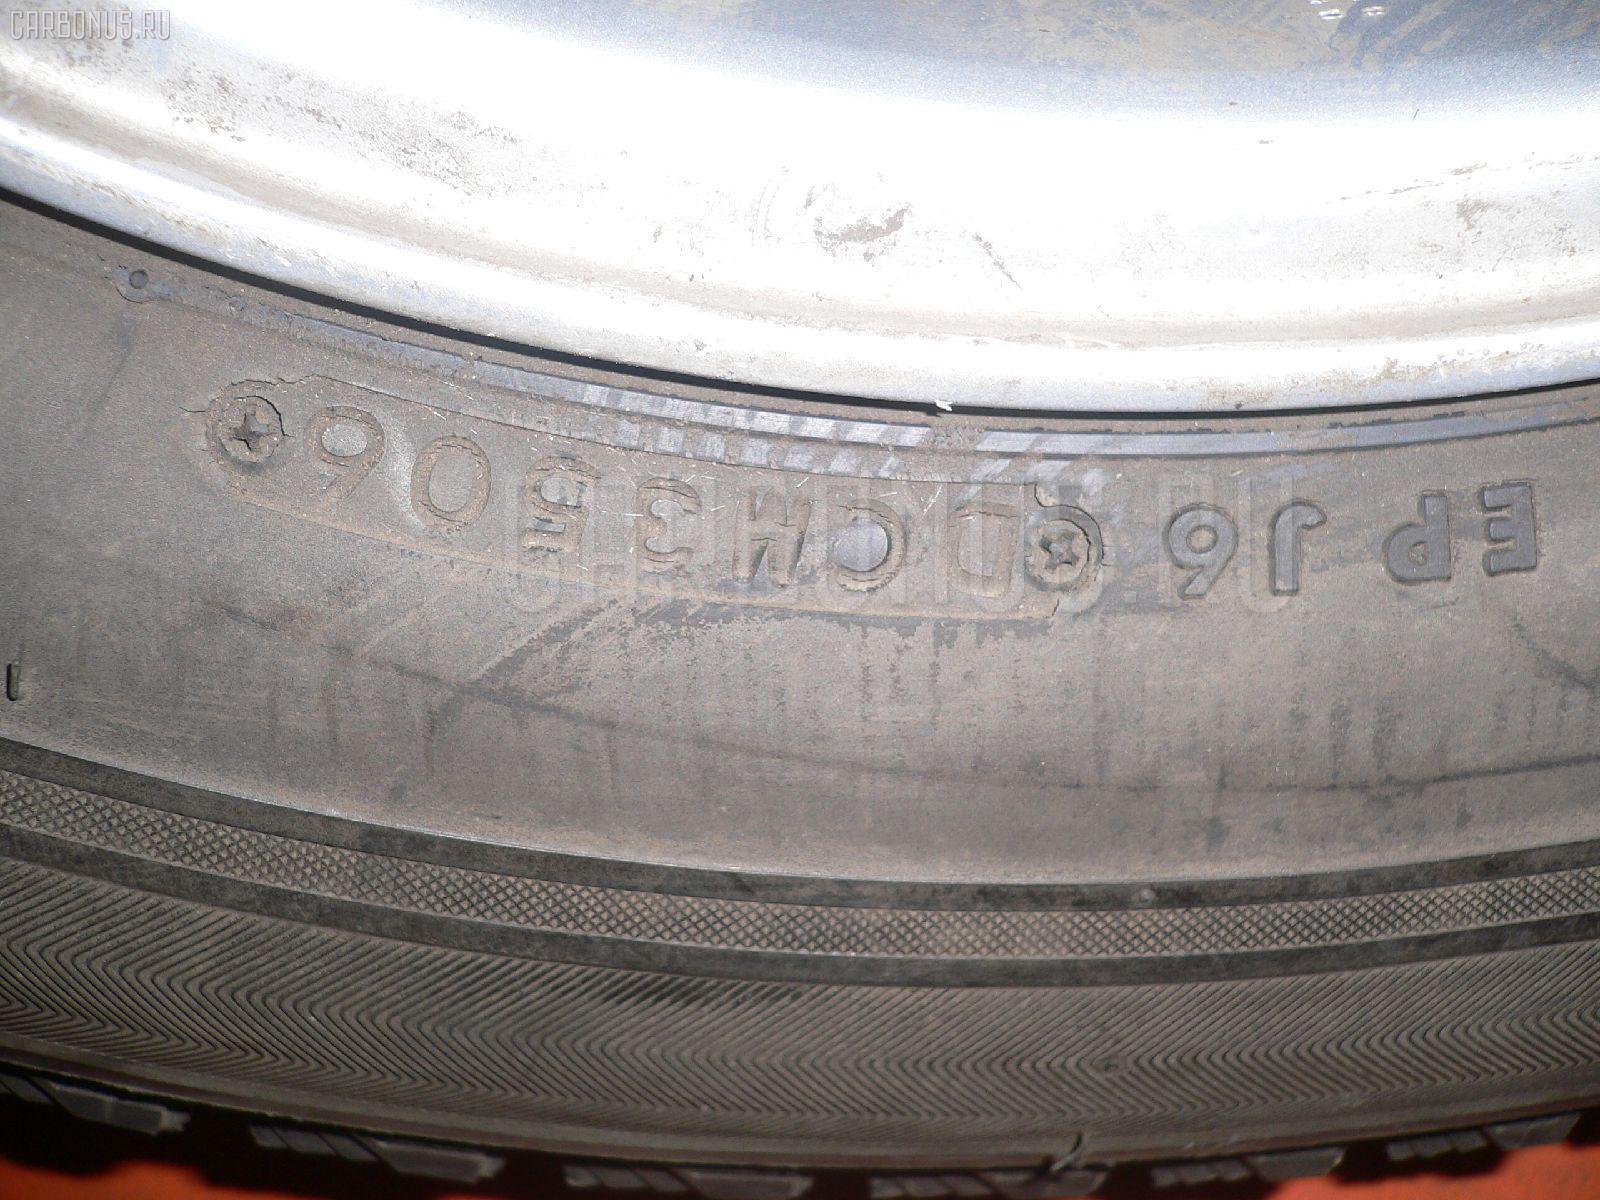 Автошина легковая зимняя BLIZZAK REV -01 185/70R14 BRIDGESTONE Фото 8